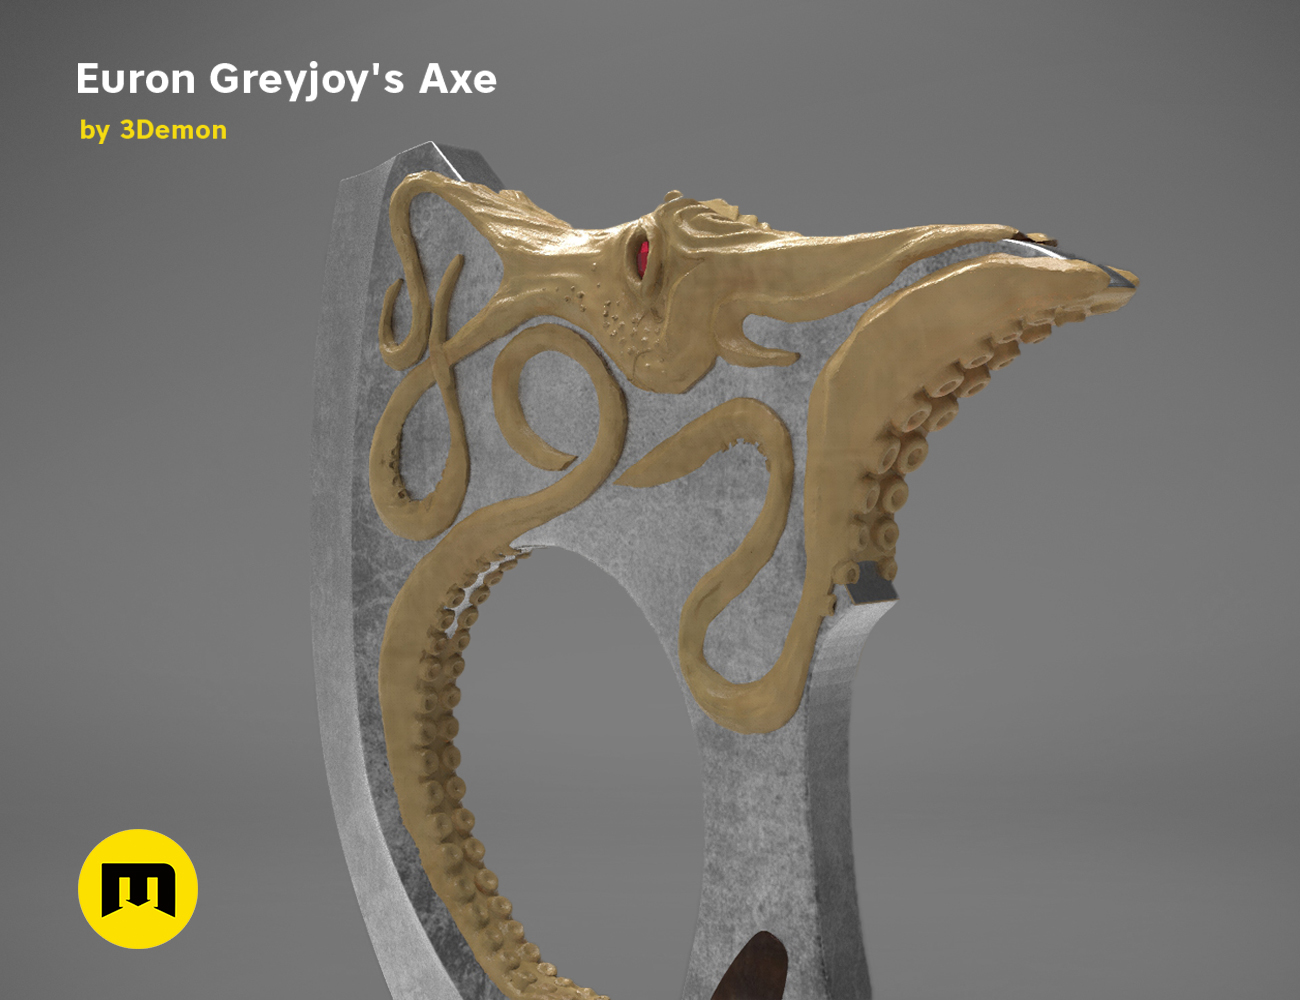 axe-gameofthrones-render.974-1.jpg Download OBJ file Euron Greyjoy's Axe • 3D printable object, 3D-mon